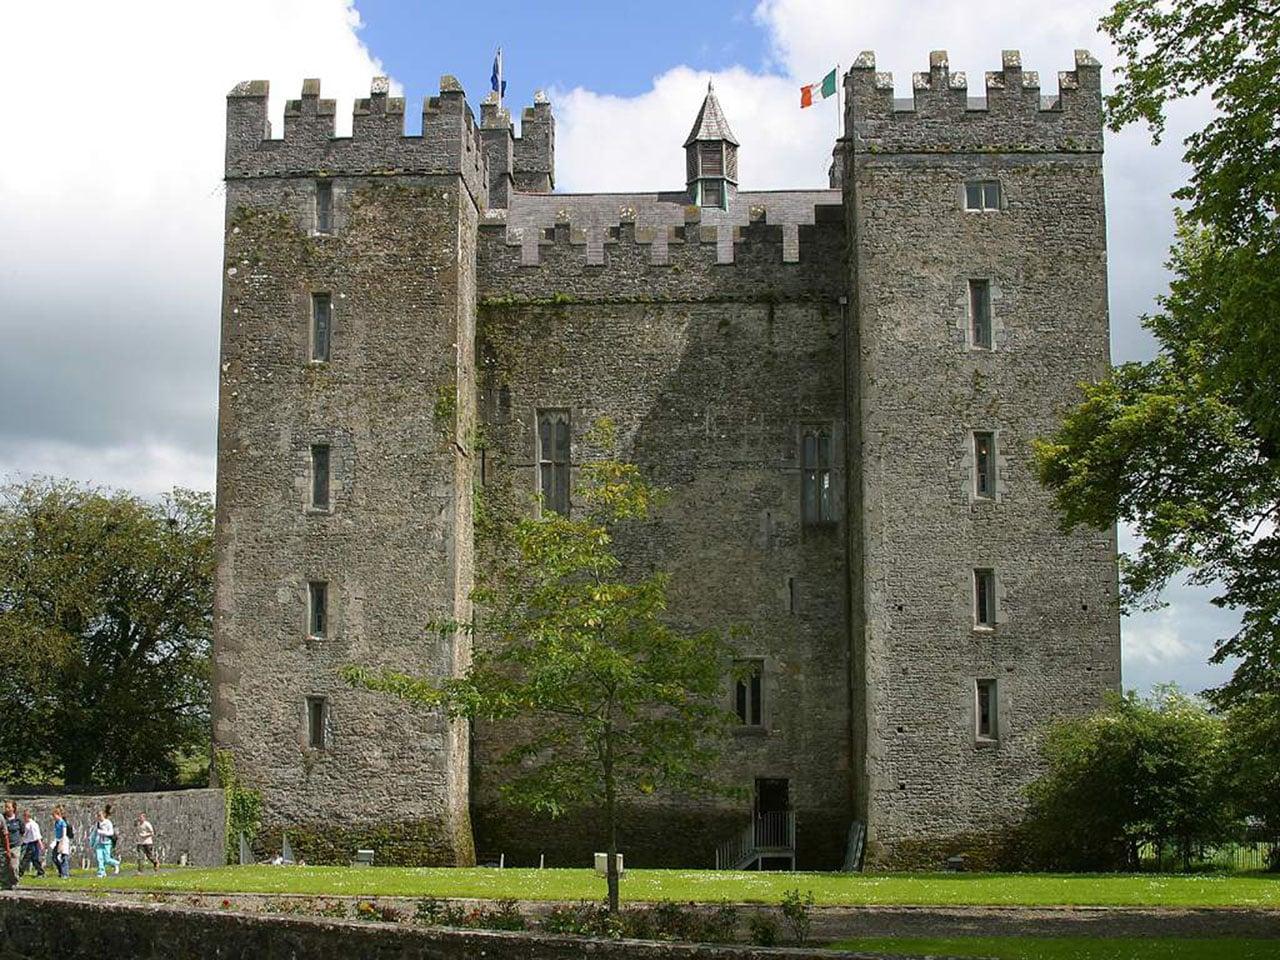 castelo em ruínas na irlanda